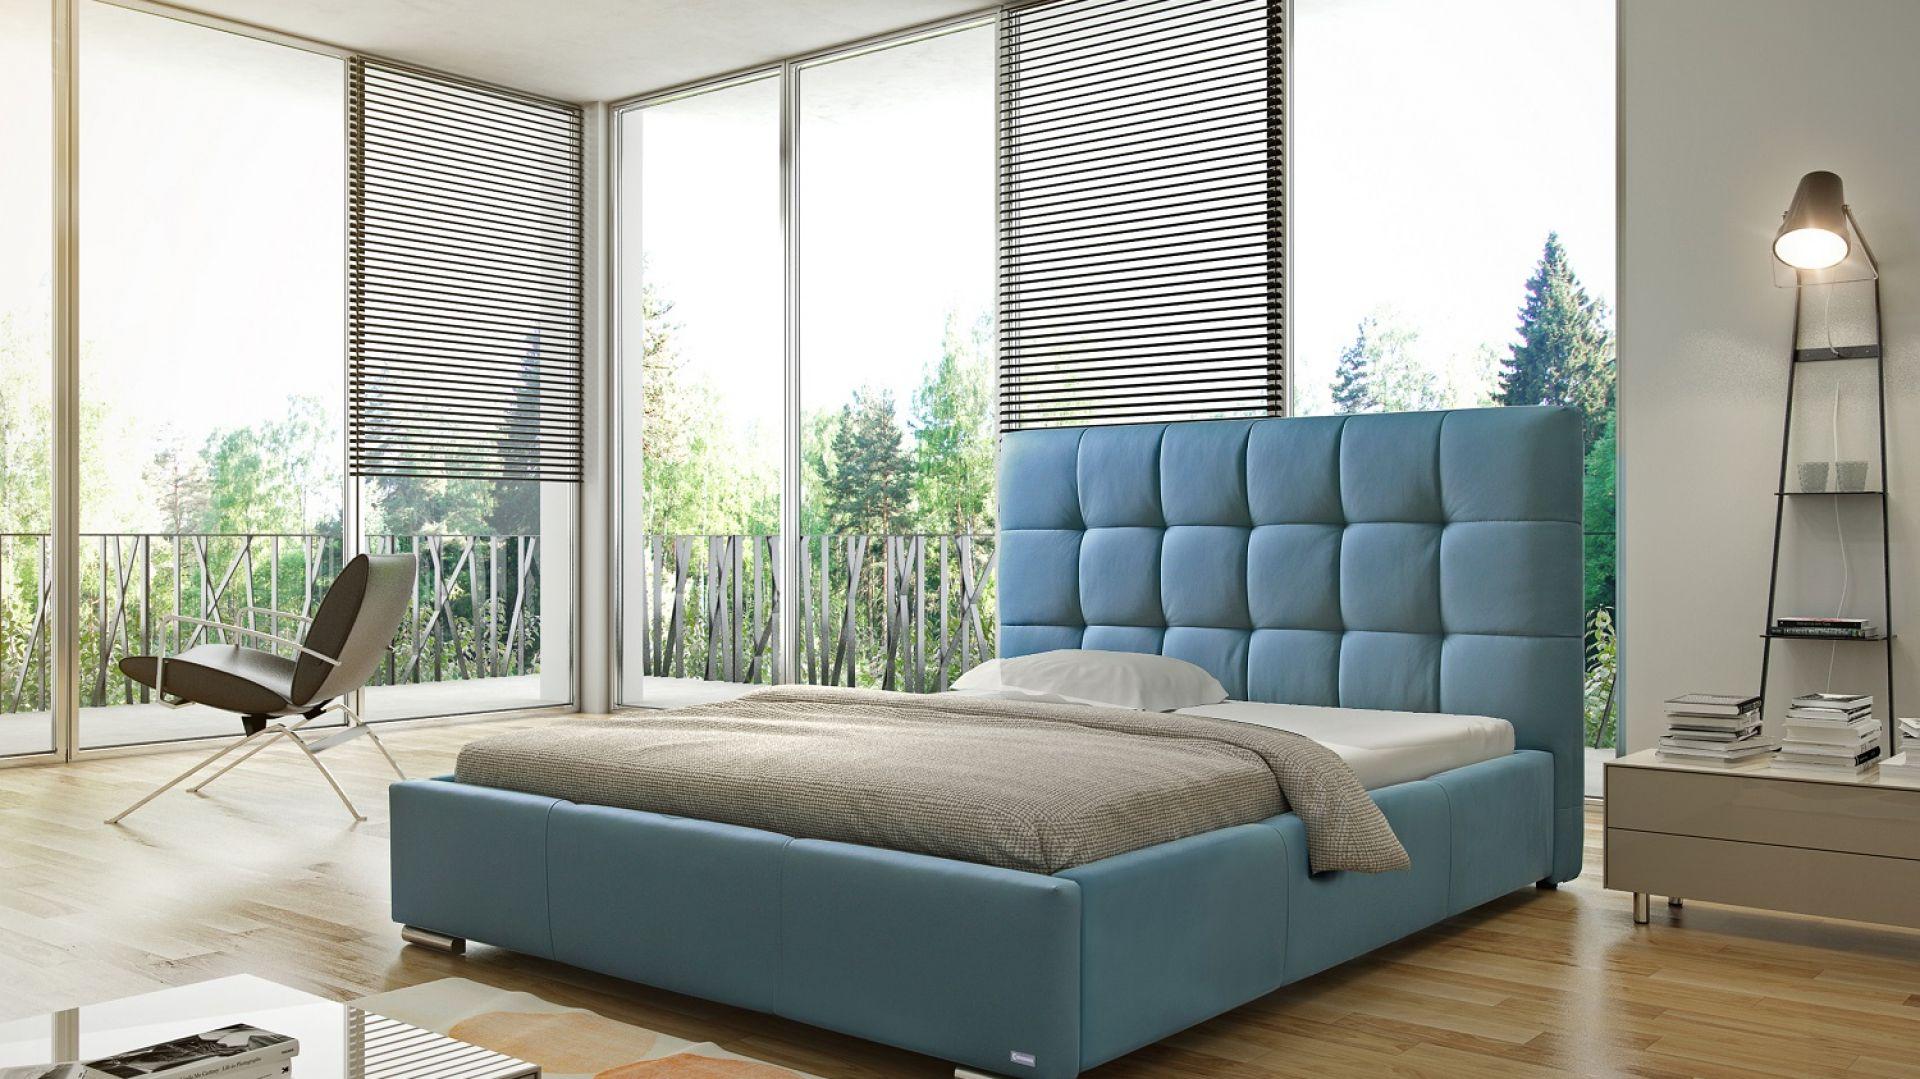 Łóżko tapicerowane Sierra marki Comforteo. Fot. Comforteo